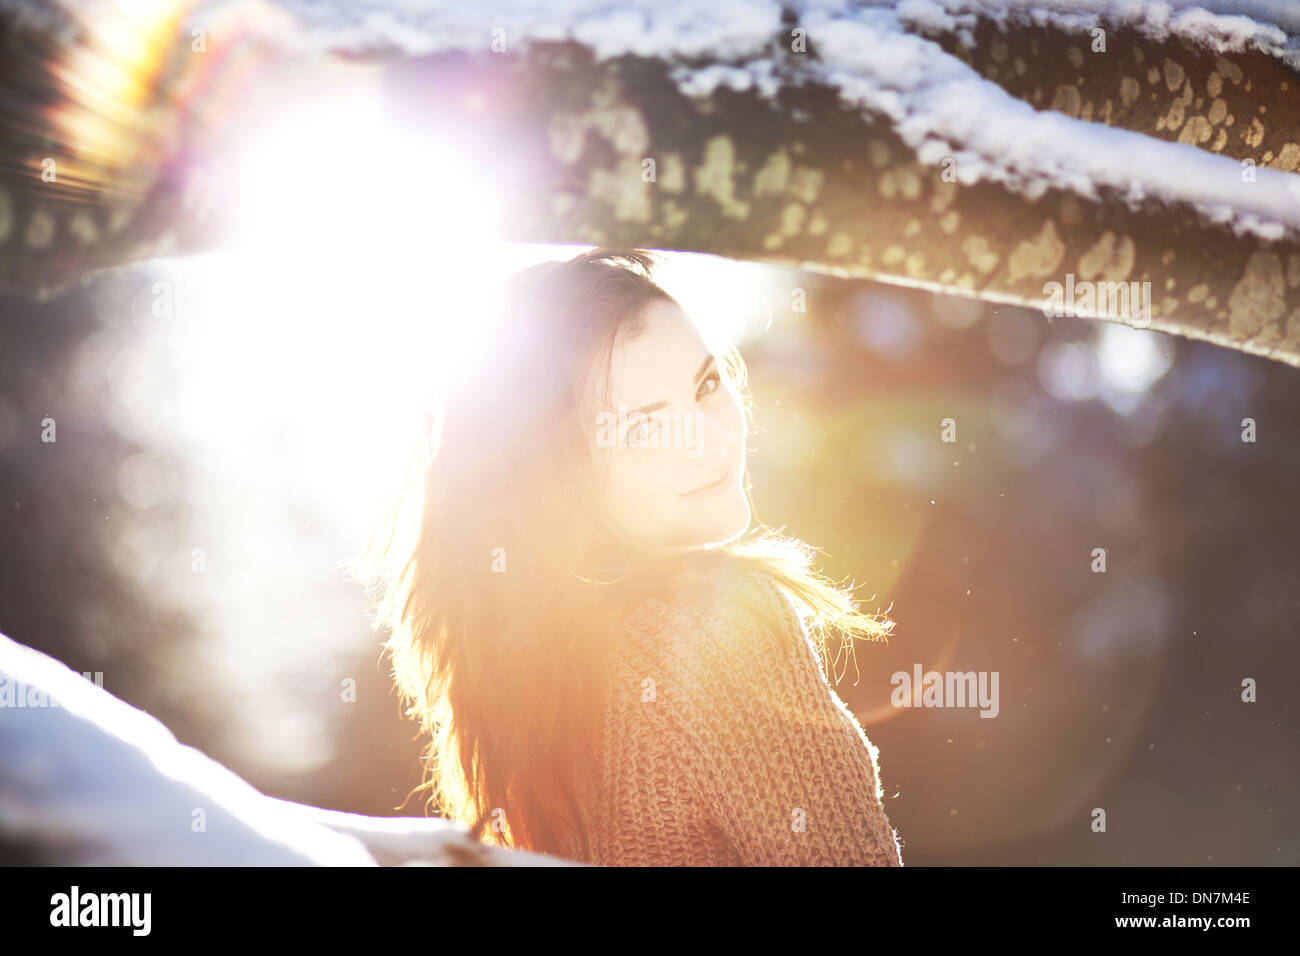 Portrait d'une jeune femme en rétro-éclairage Photo Stock